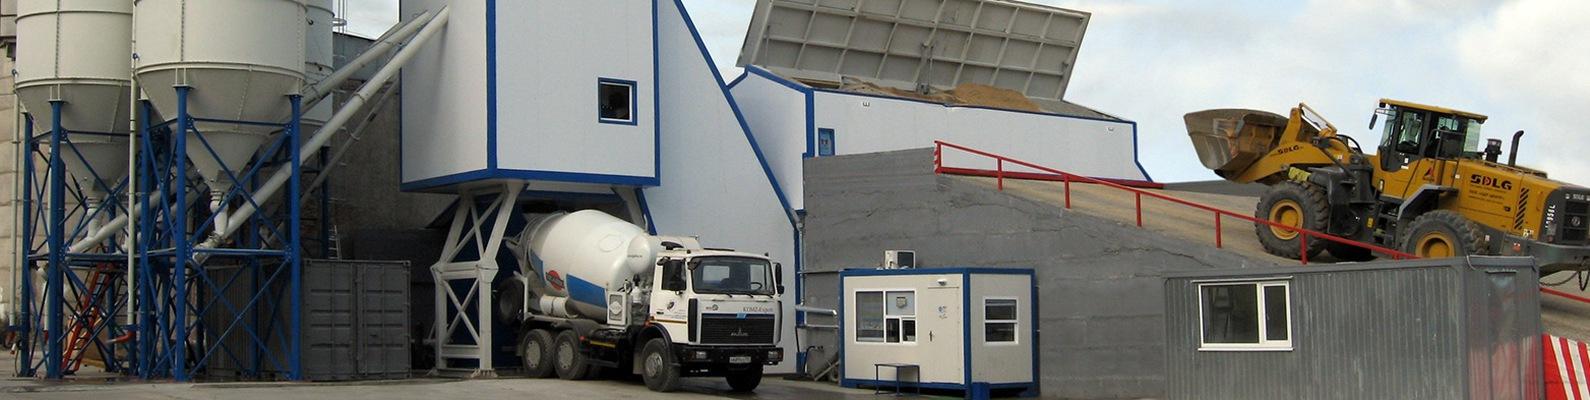 Ближайший бетон завод раствор цементный м150 для стяжки